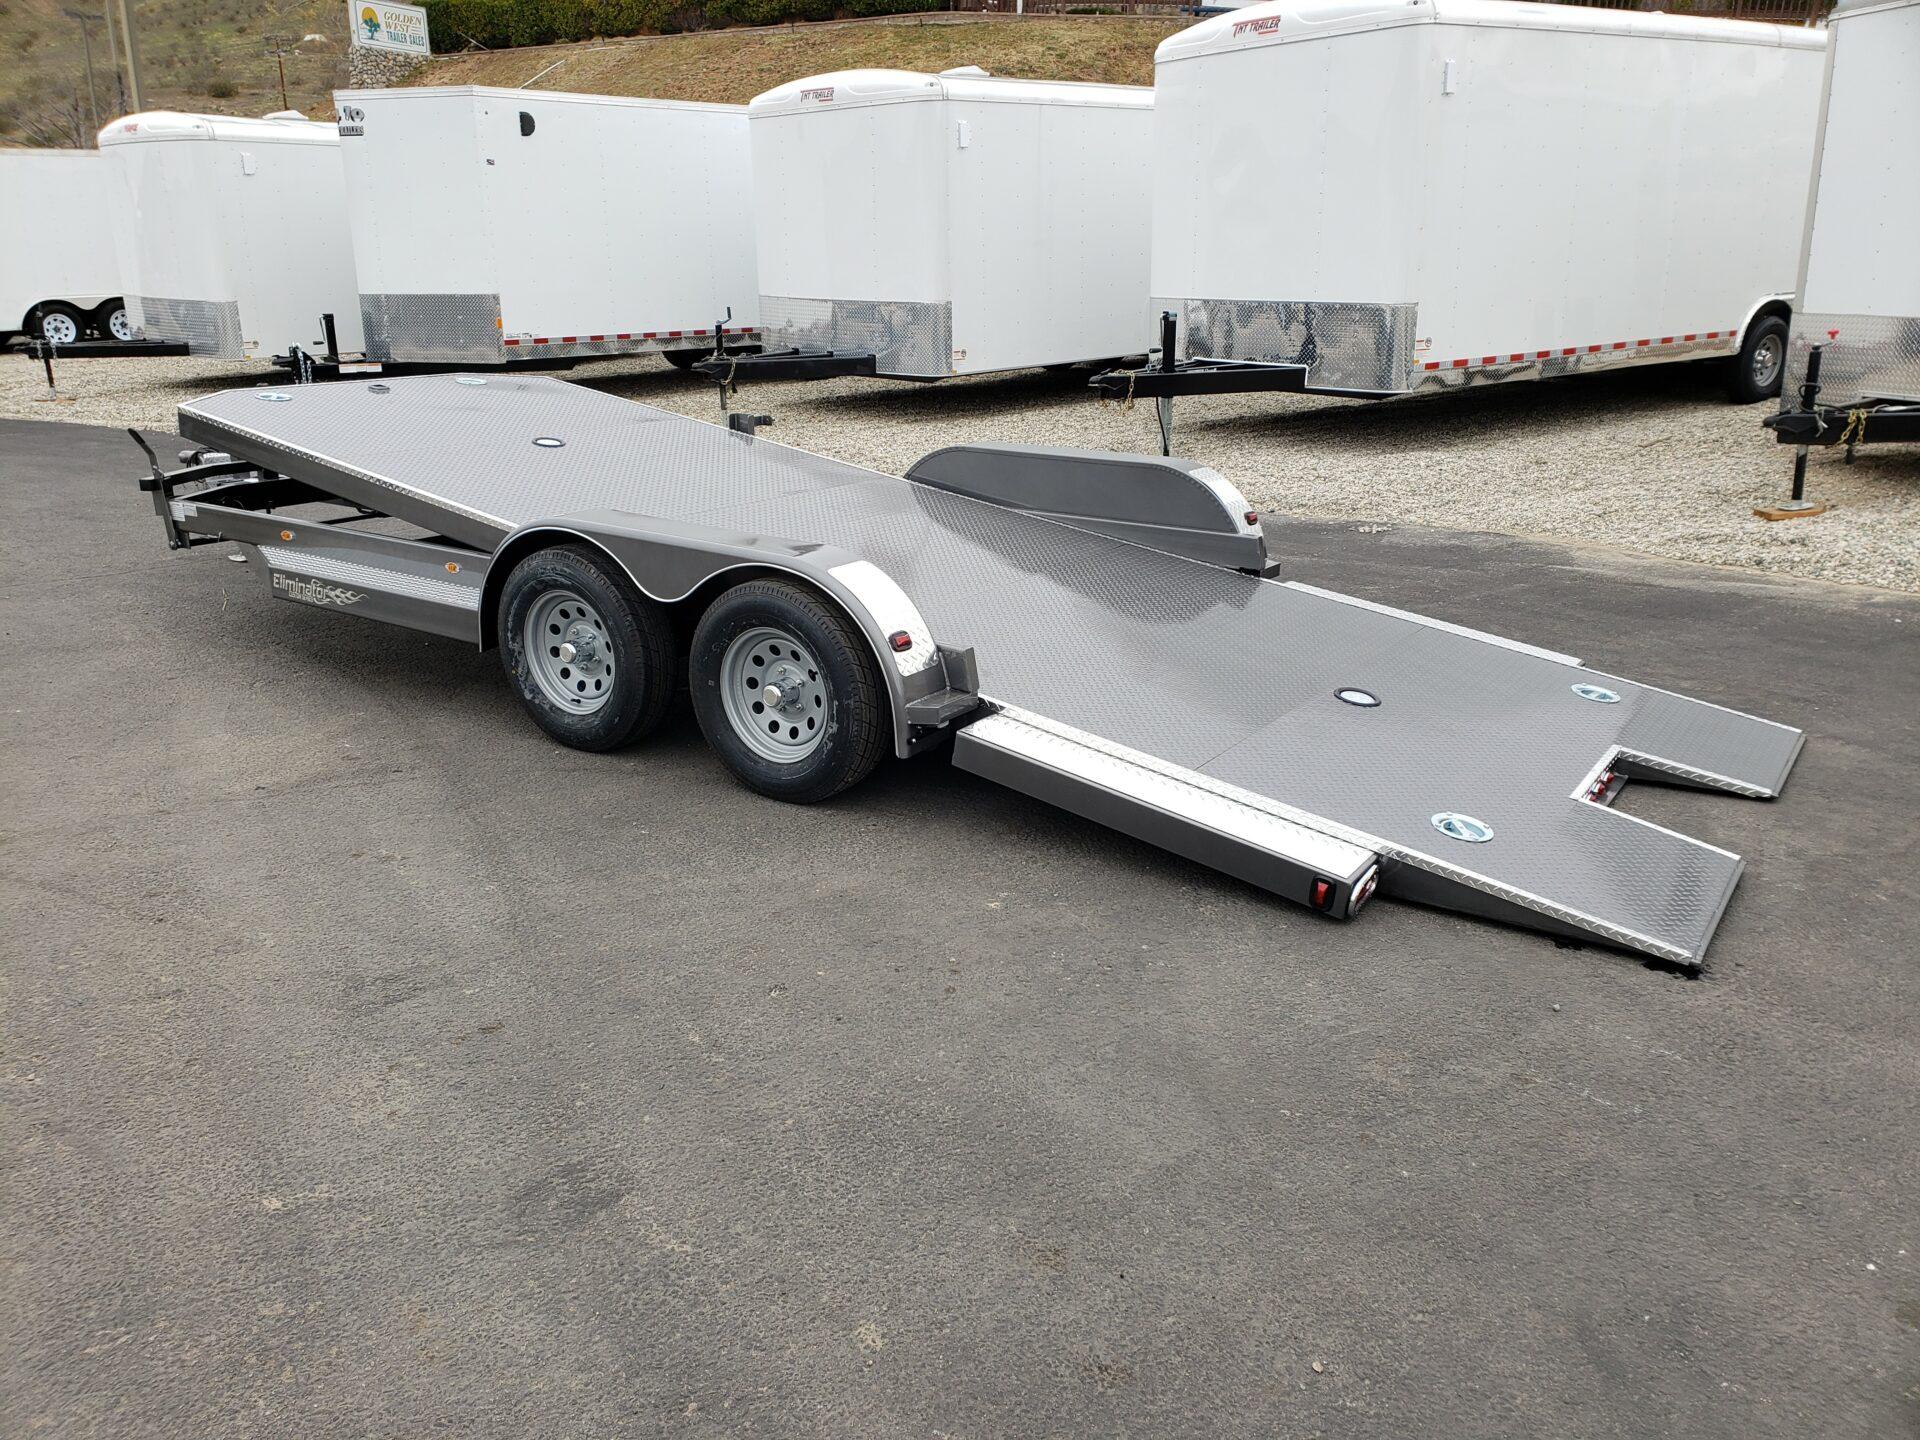 102 Ironworks Eliminator 20ft7K Tilt'A' - Driver side rear 3/4 view bed tilted